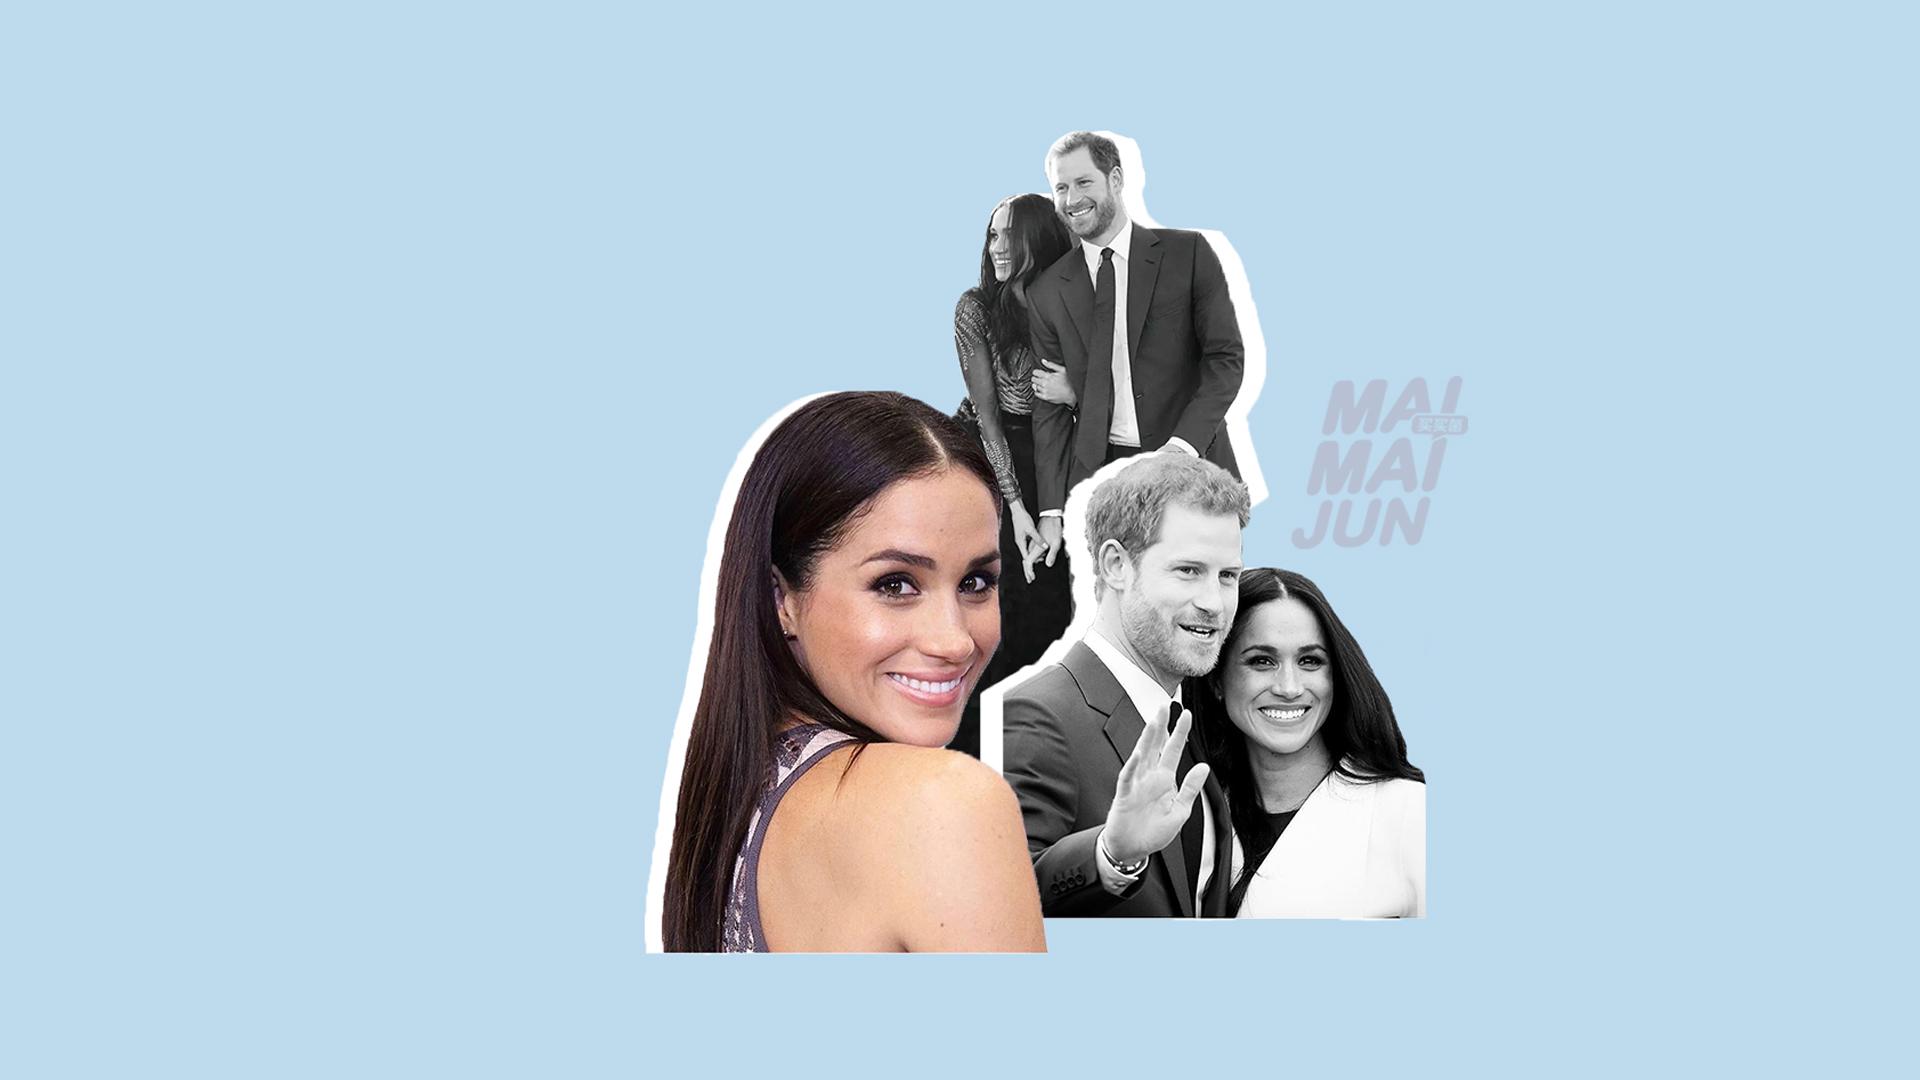 英国哈里王子大婚,这位37岁非洲血统二婚的准王妃凭什么入驻皇家?